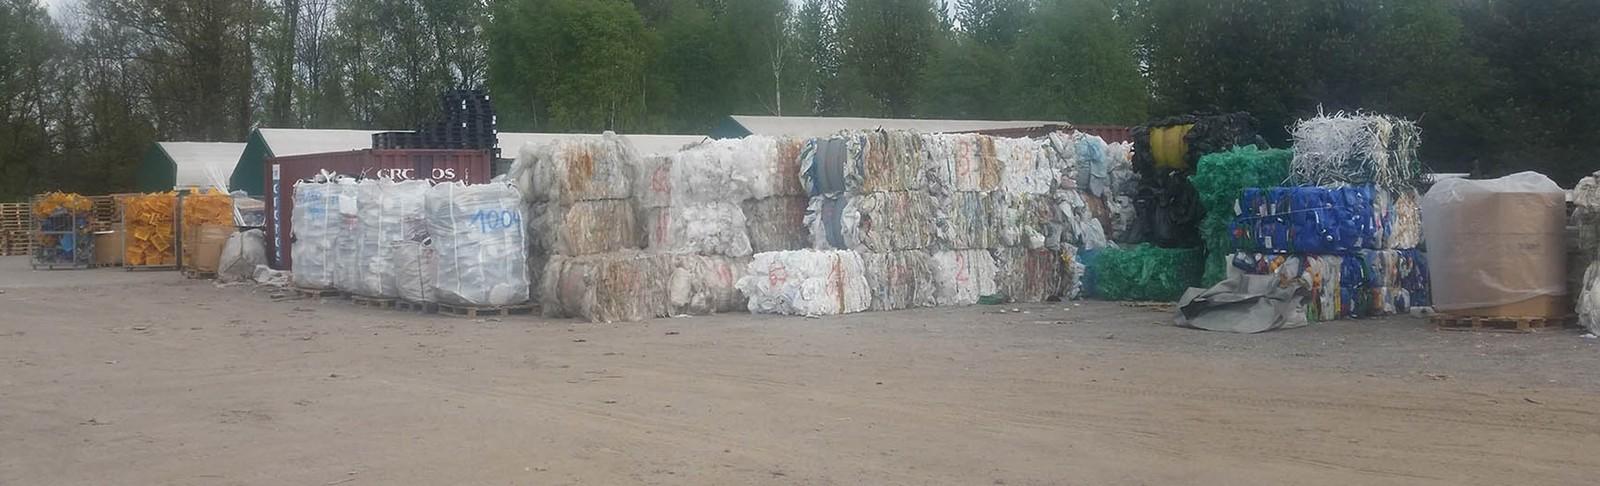 Odbiór makulatury,odpadów z tworzyw sztucznych i sprzedaż przemiałów